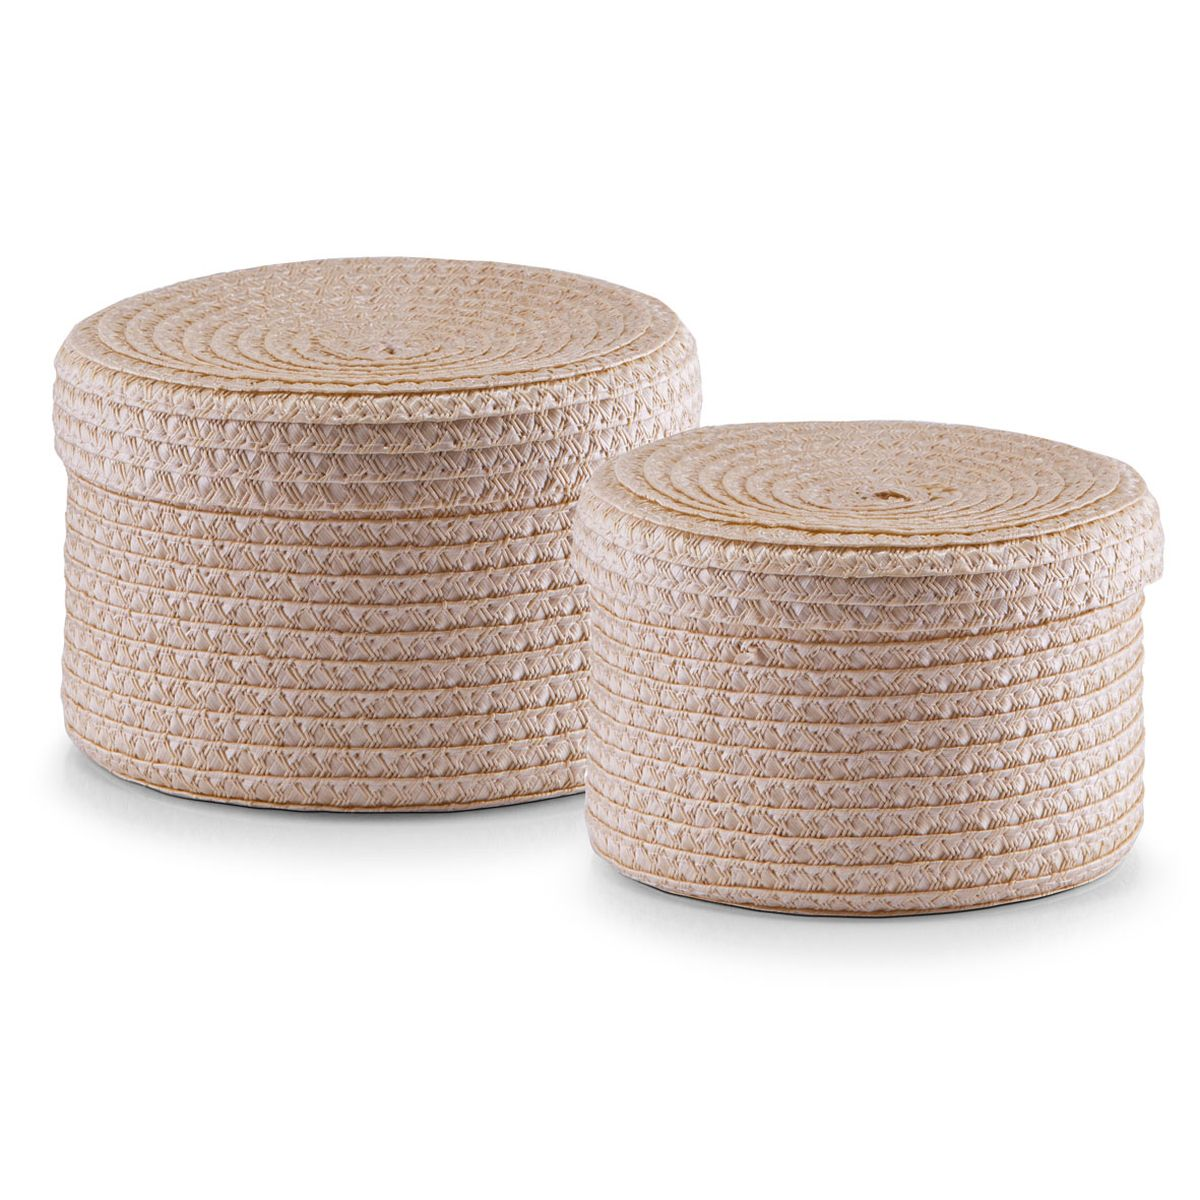 Набор корзин Zeller с крышками, цвет: бежевый, 2 штS03301004Набор Zeller состоит из двух корзин разного размера. Корзинки изготовлены из текстиля и оснащены крышками. Изделия идеально подходят для упаковки подарков, цветочных композиций и подарочных наборов, для хранения различных вещей и аксессуаров. Так же они являются прекрасным декоративным элементом интерьера.Такие корзины будут создавать уют и комфорт в вашем доме и станут отличным подарком. Диаметр корзин: 16 см, 17 см. Высота корзин: 10 см, 12 см.